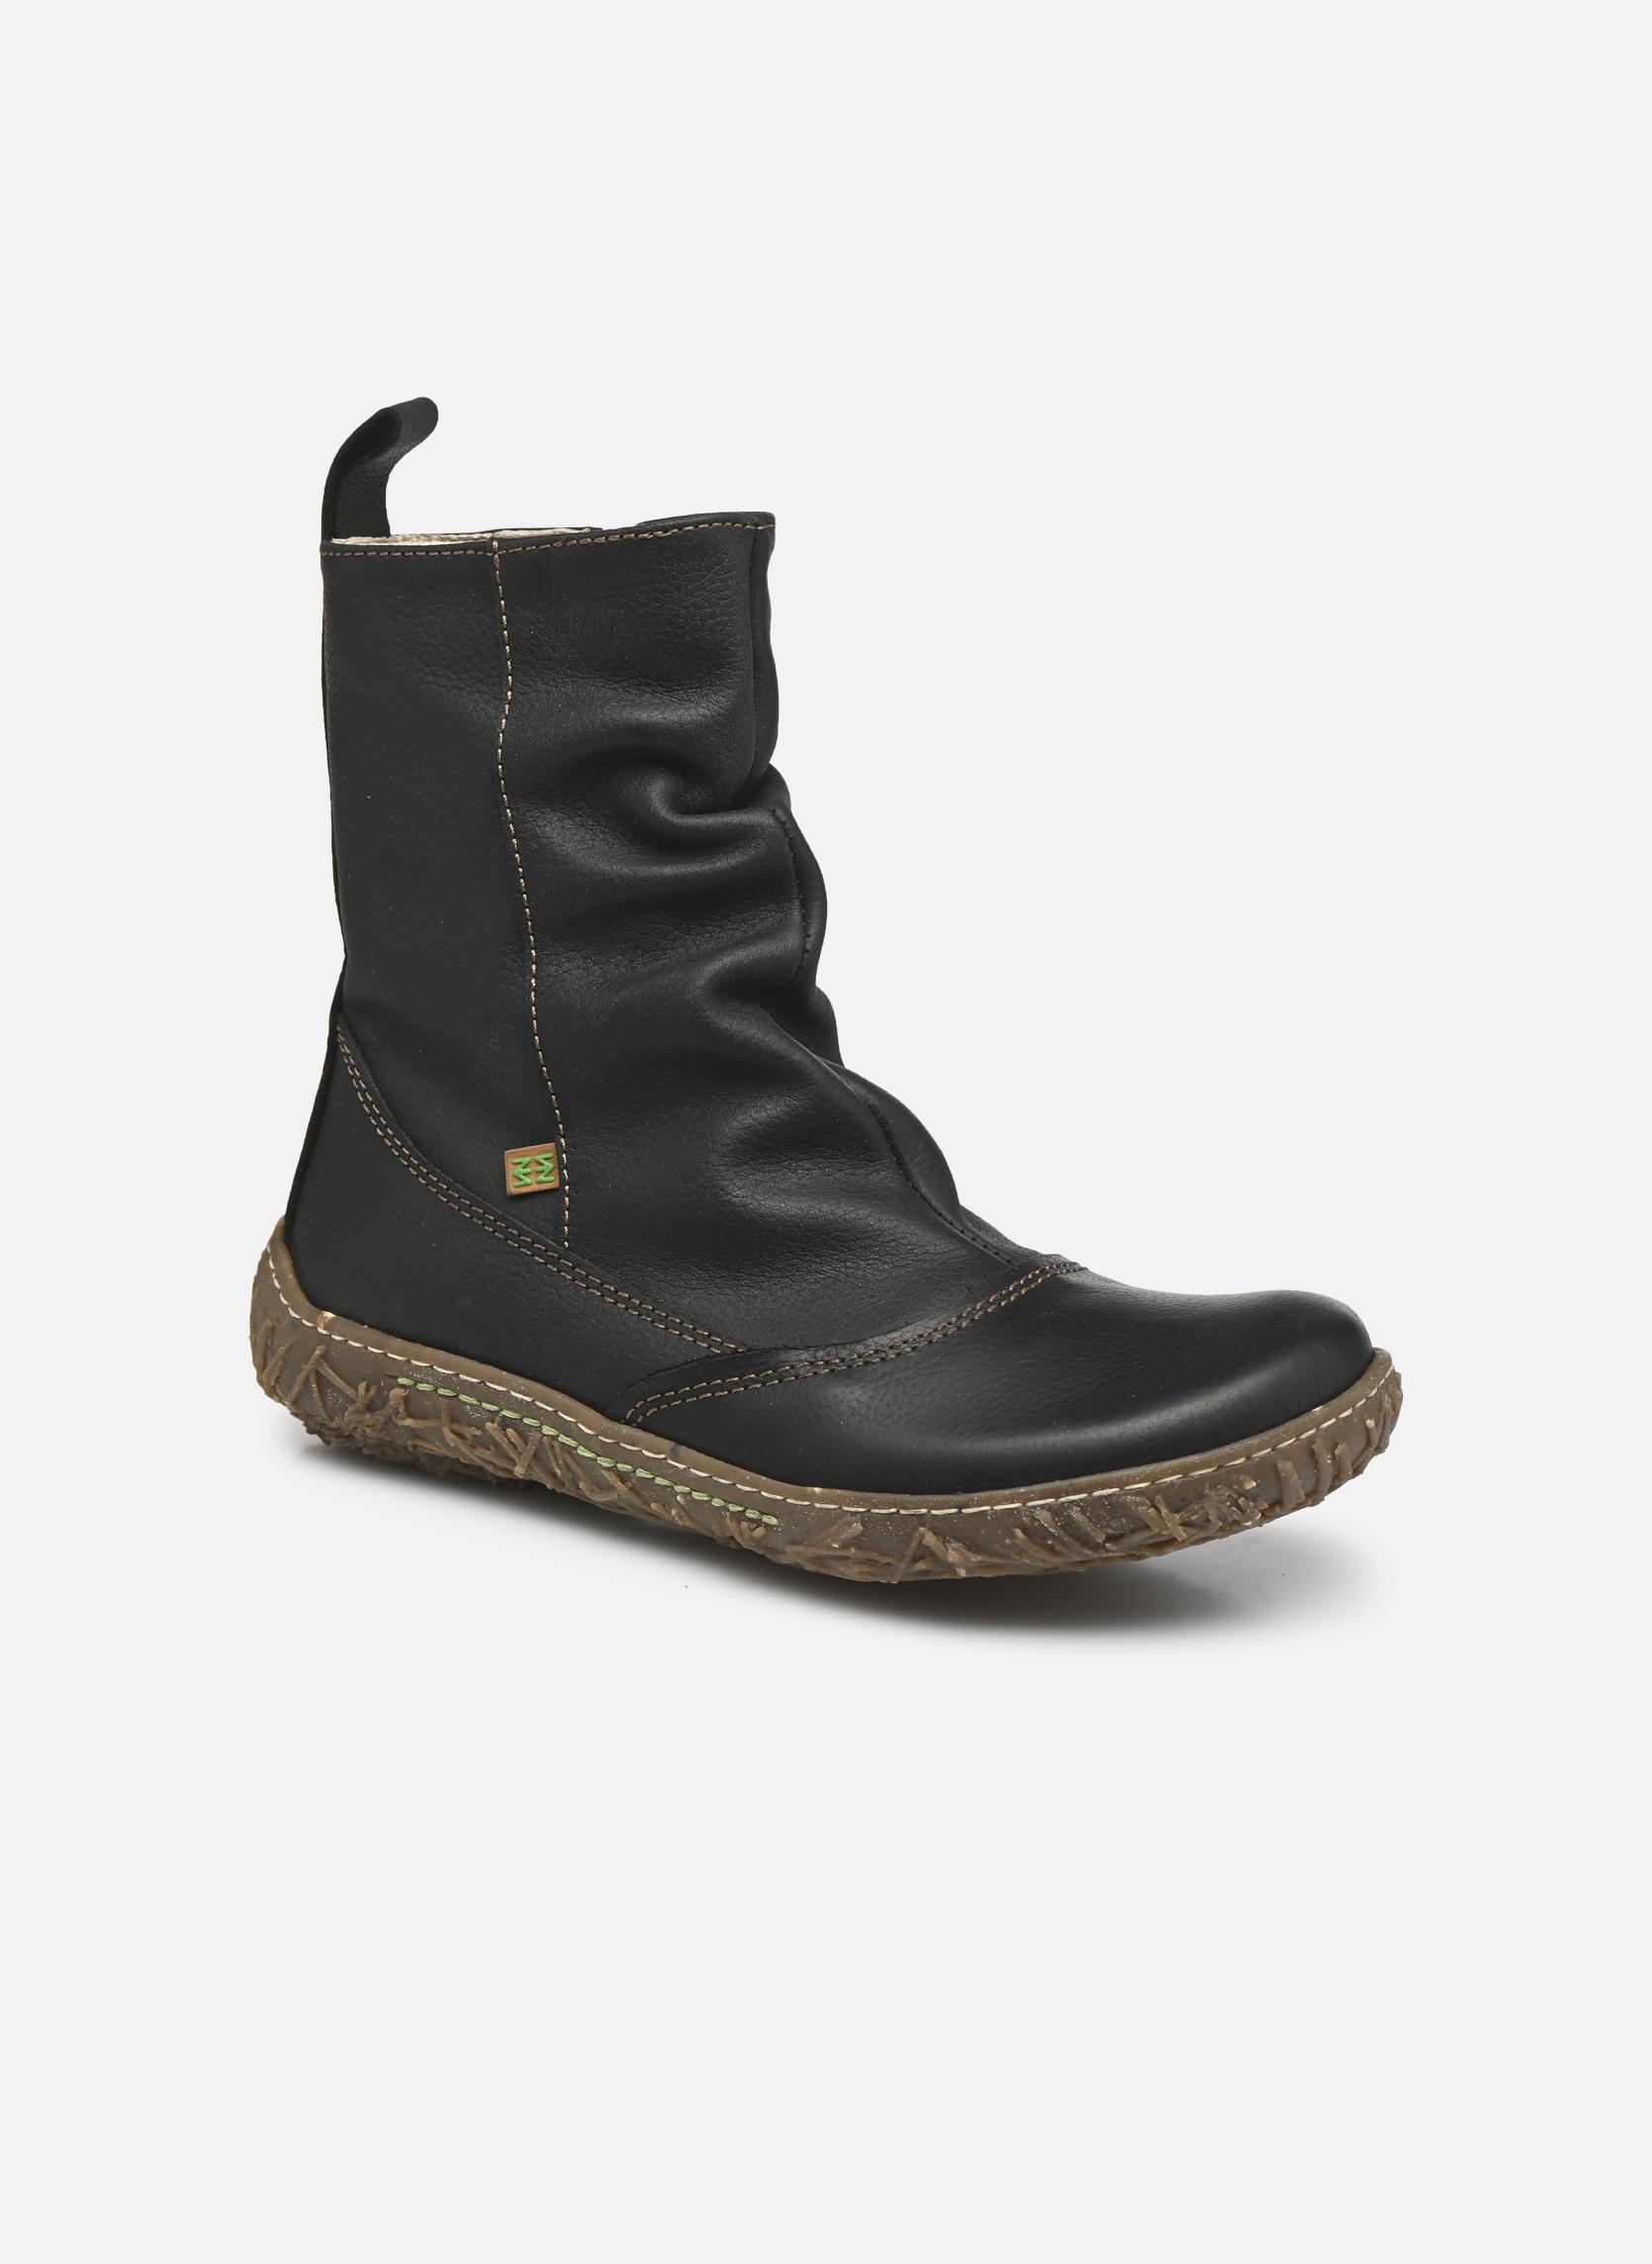 Grandes descuentos últimos zapatos El Naturalista Nido Ella N722 (Negro) - Botines  Descuento